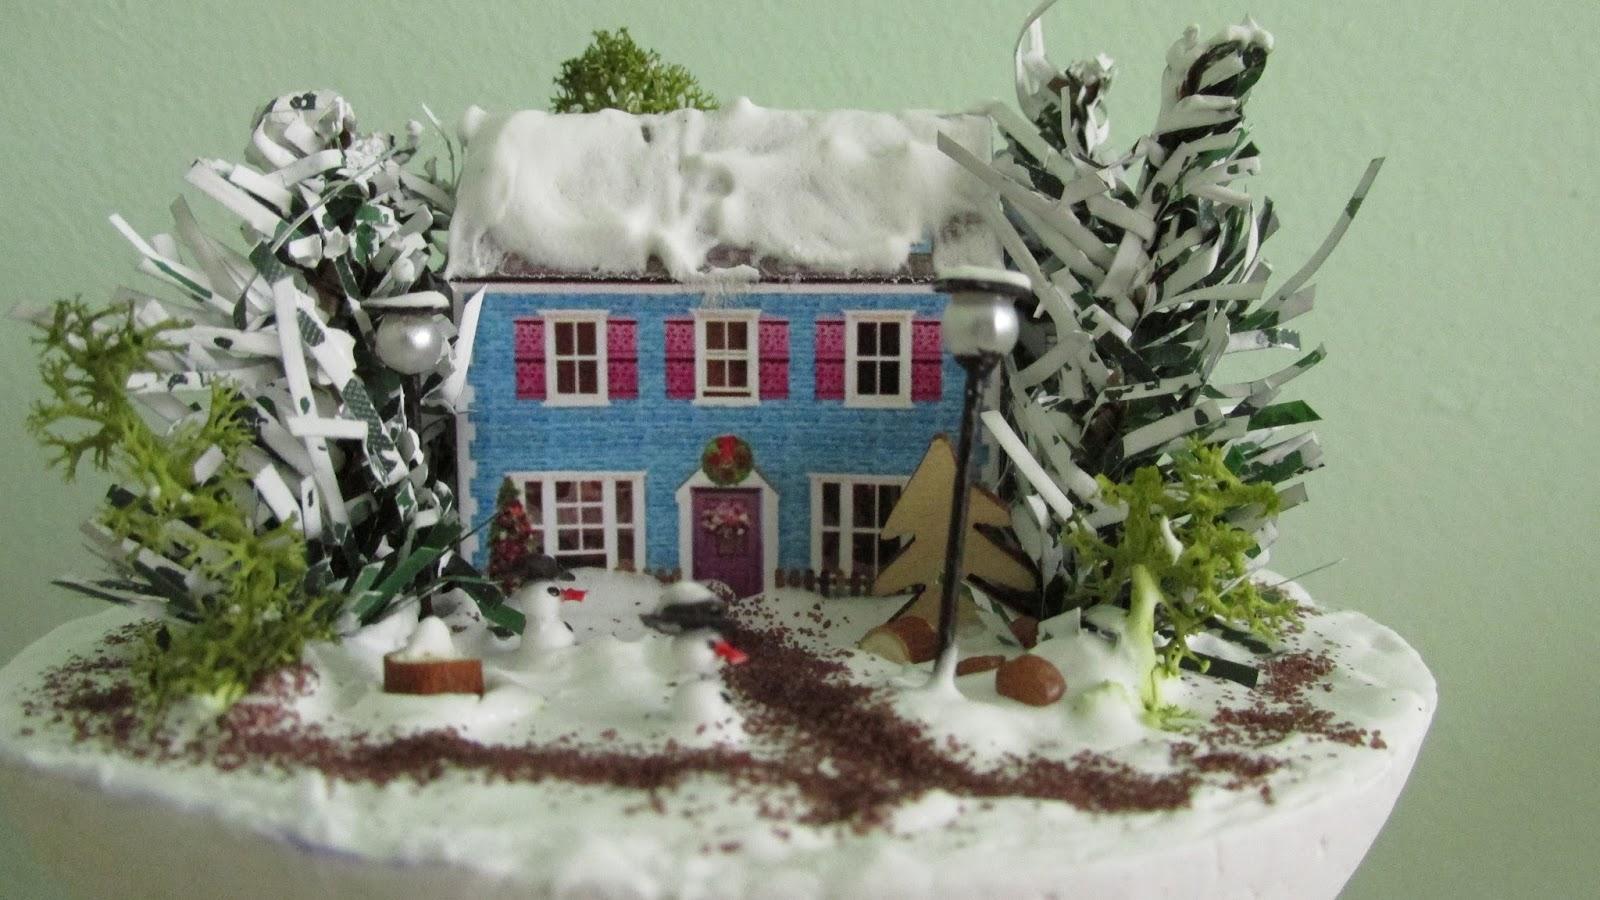 Kamienica, śnieg, choinka, Boże Narodzenie